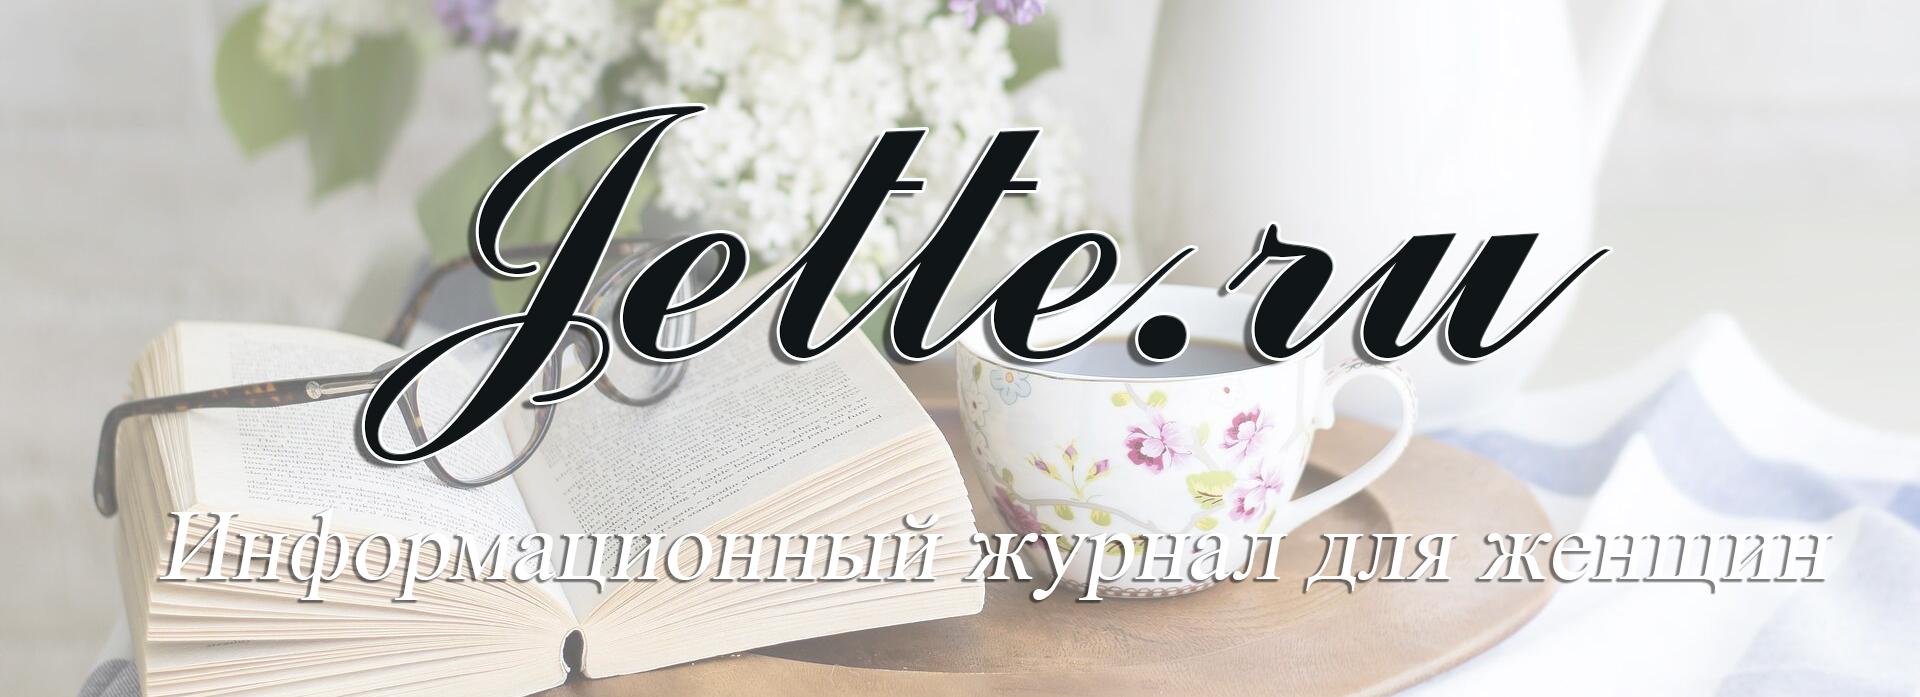 Jette.ru